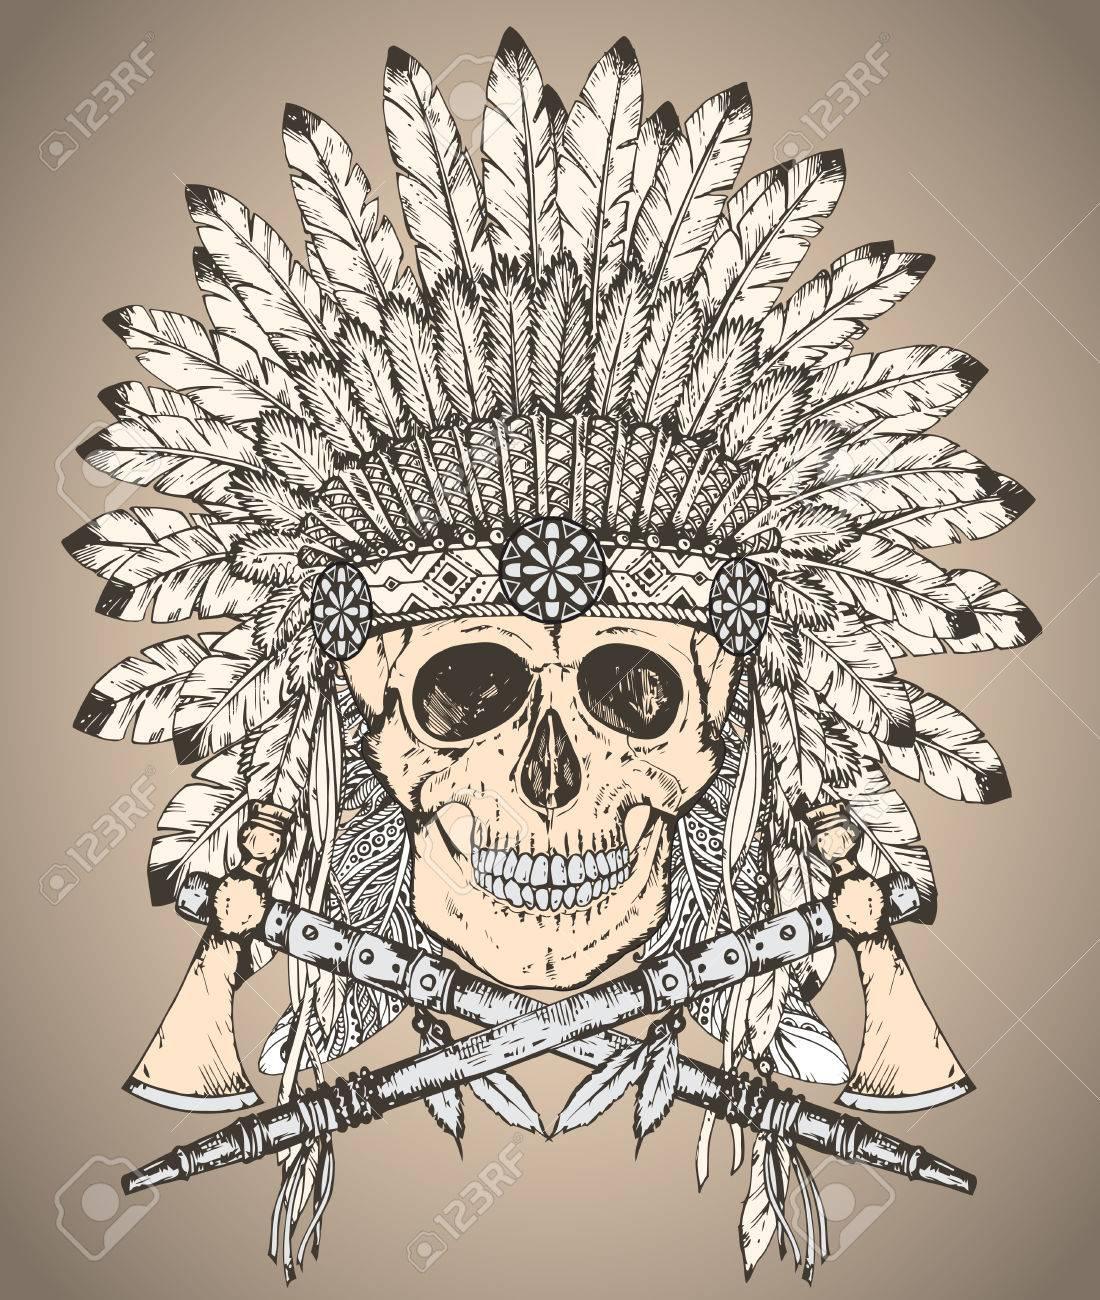 Foto de archivo - Mano vector dibujado de tocado de indio nativo americano  con cráneo humano y dos hachas de guerra en el estilo de dibujo. 20d4eb629dc